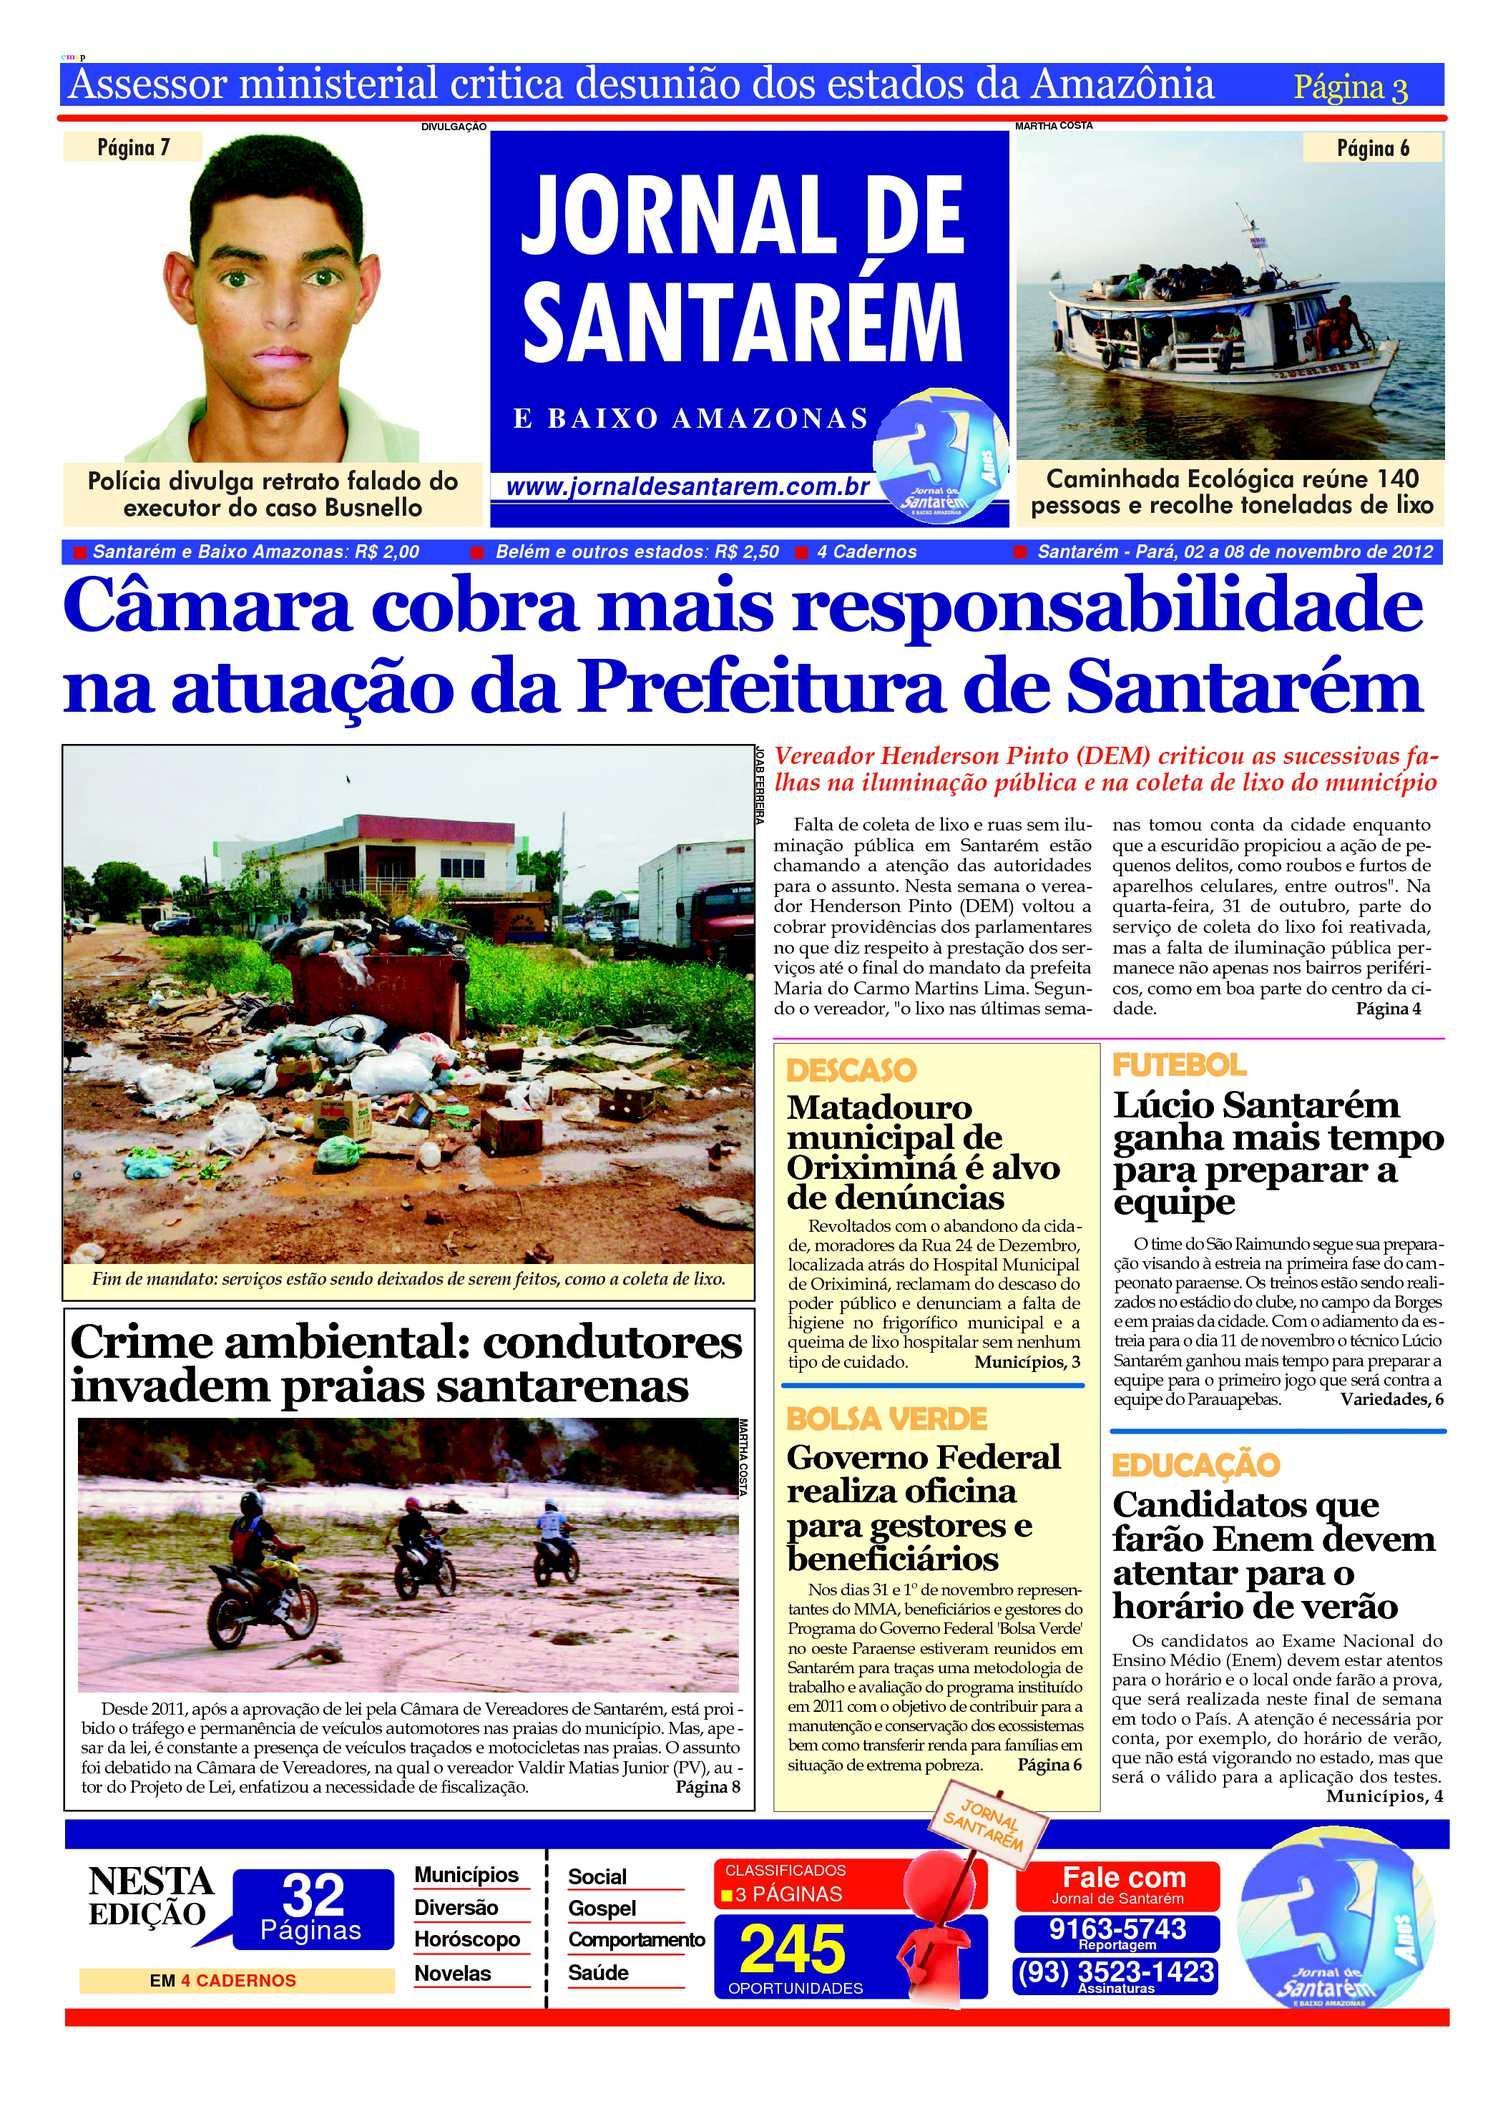 CANIBAL FILME O BAIXAR BARBEIRO